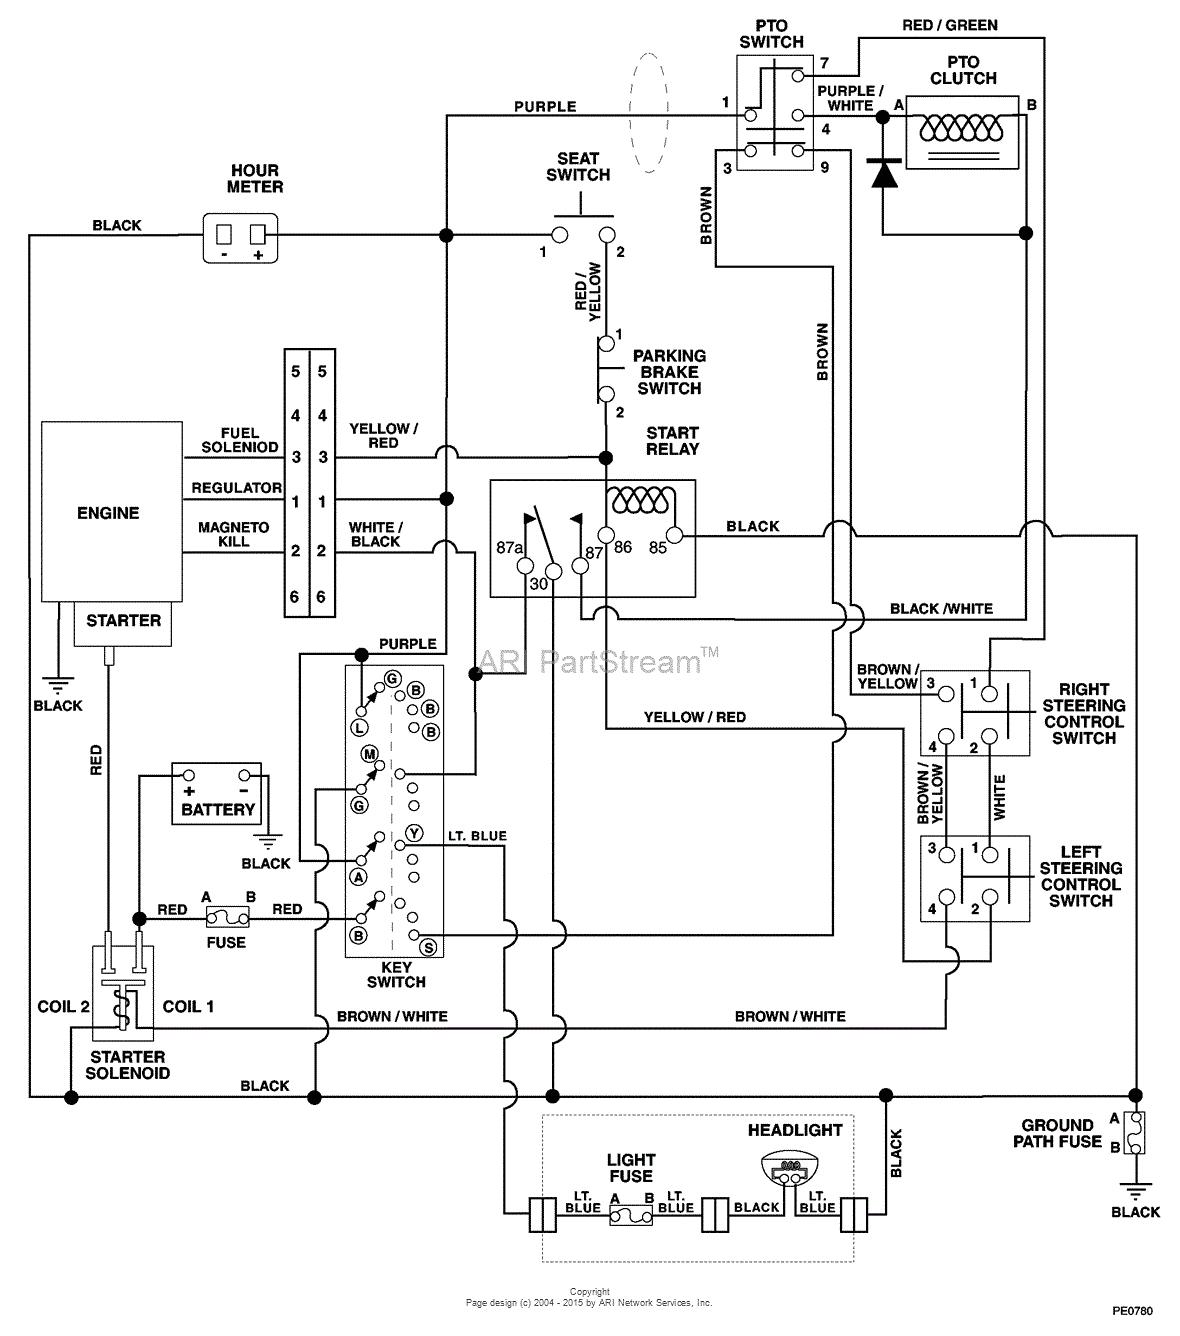 36 toro proline mower wiring diagram hecho data diagram schematic 36 toro proline mower wiring diagram hecho